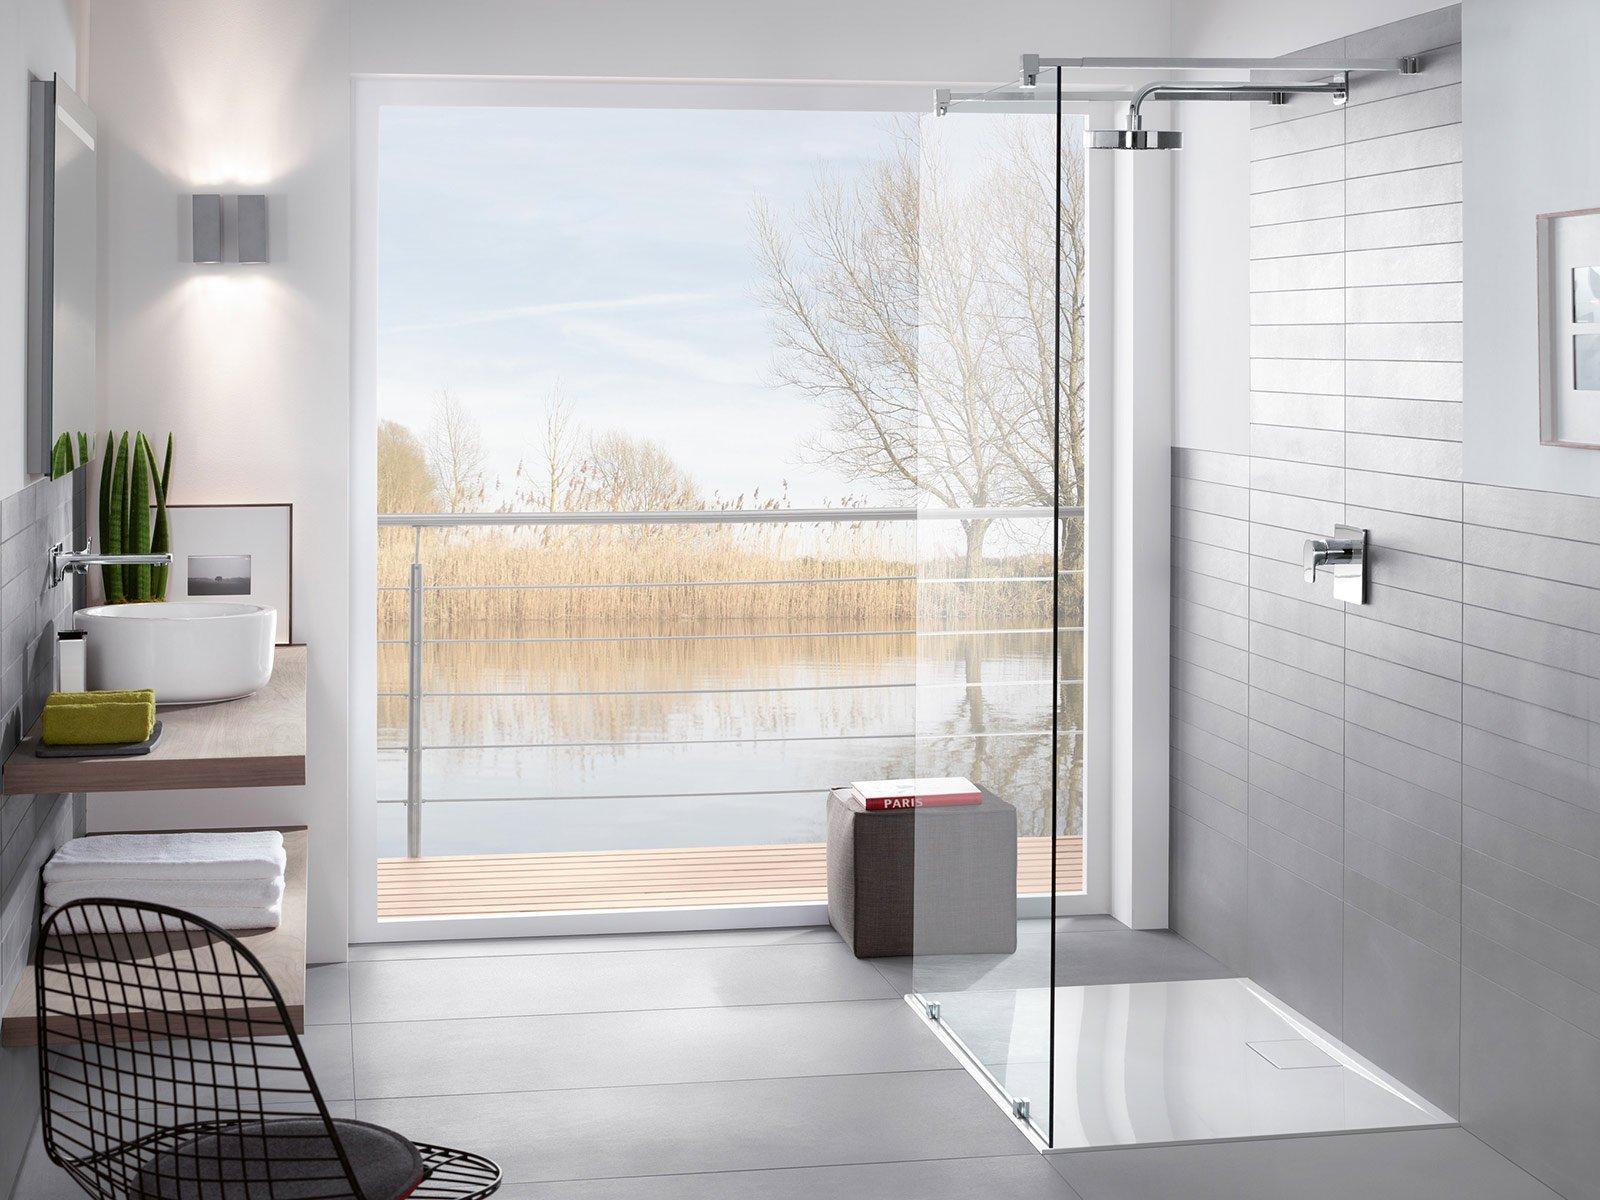 Bagno dettagli di design per la doccia cose di casa - Altezza box doccia ...